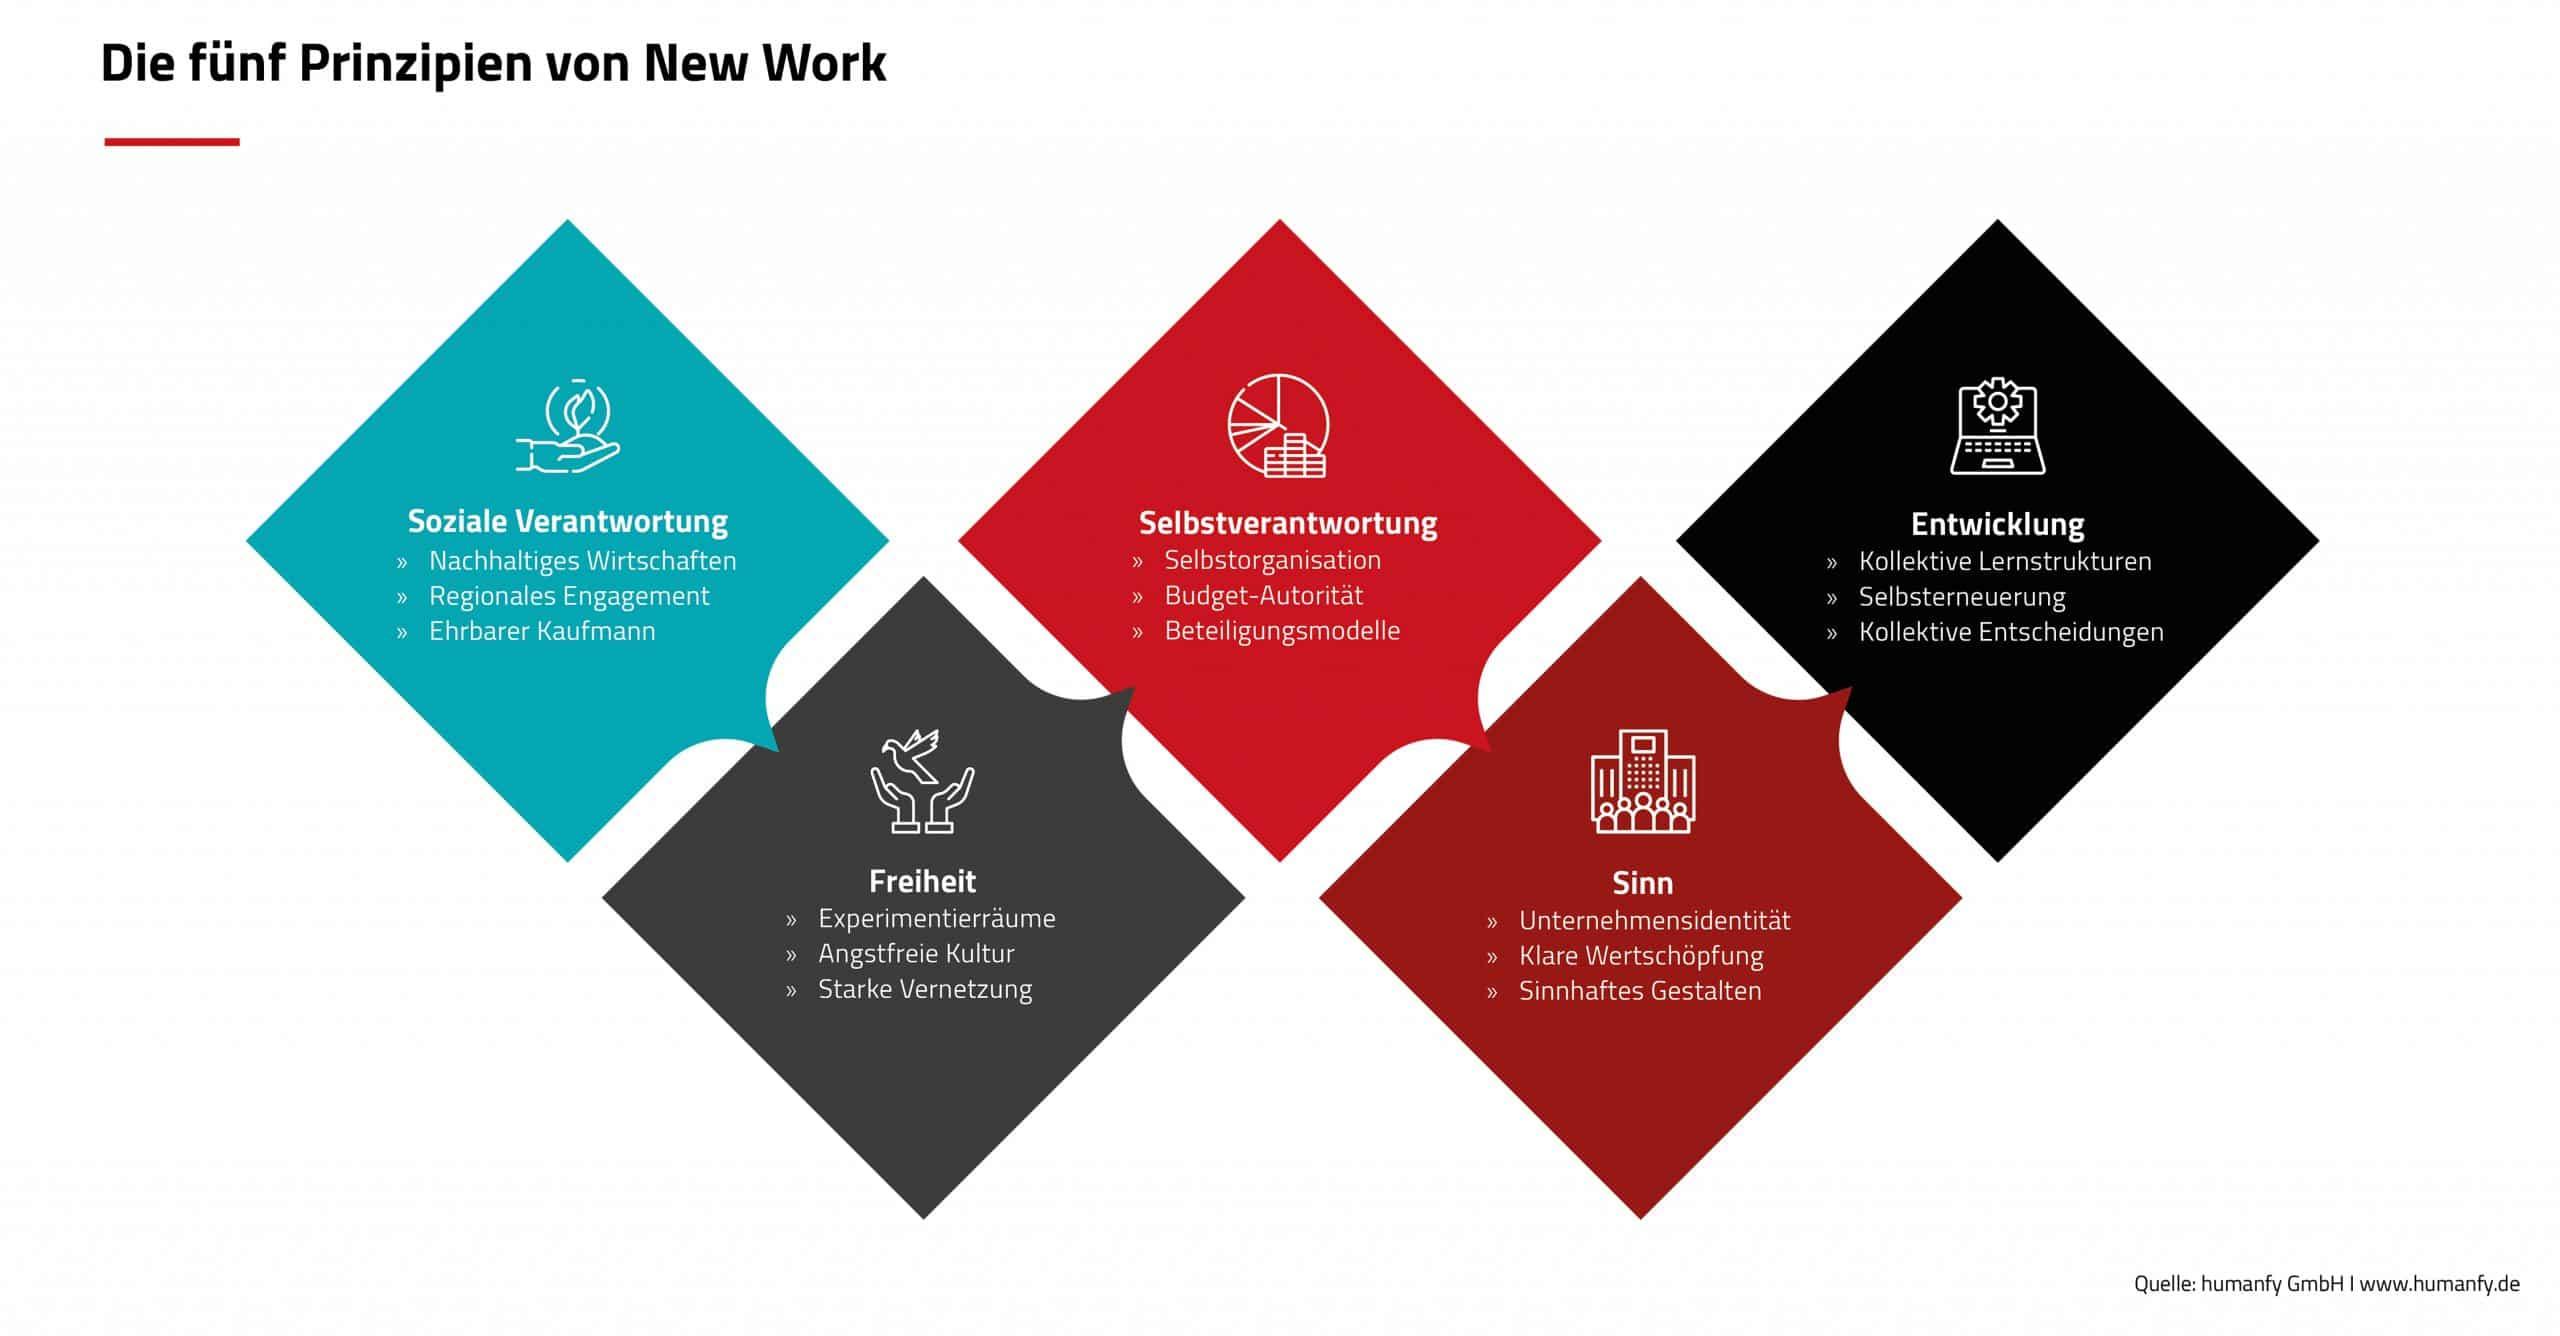 Humanfy fünf Prinzipien von New York